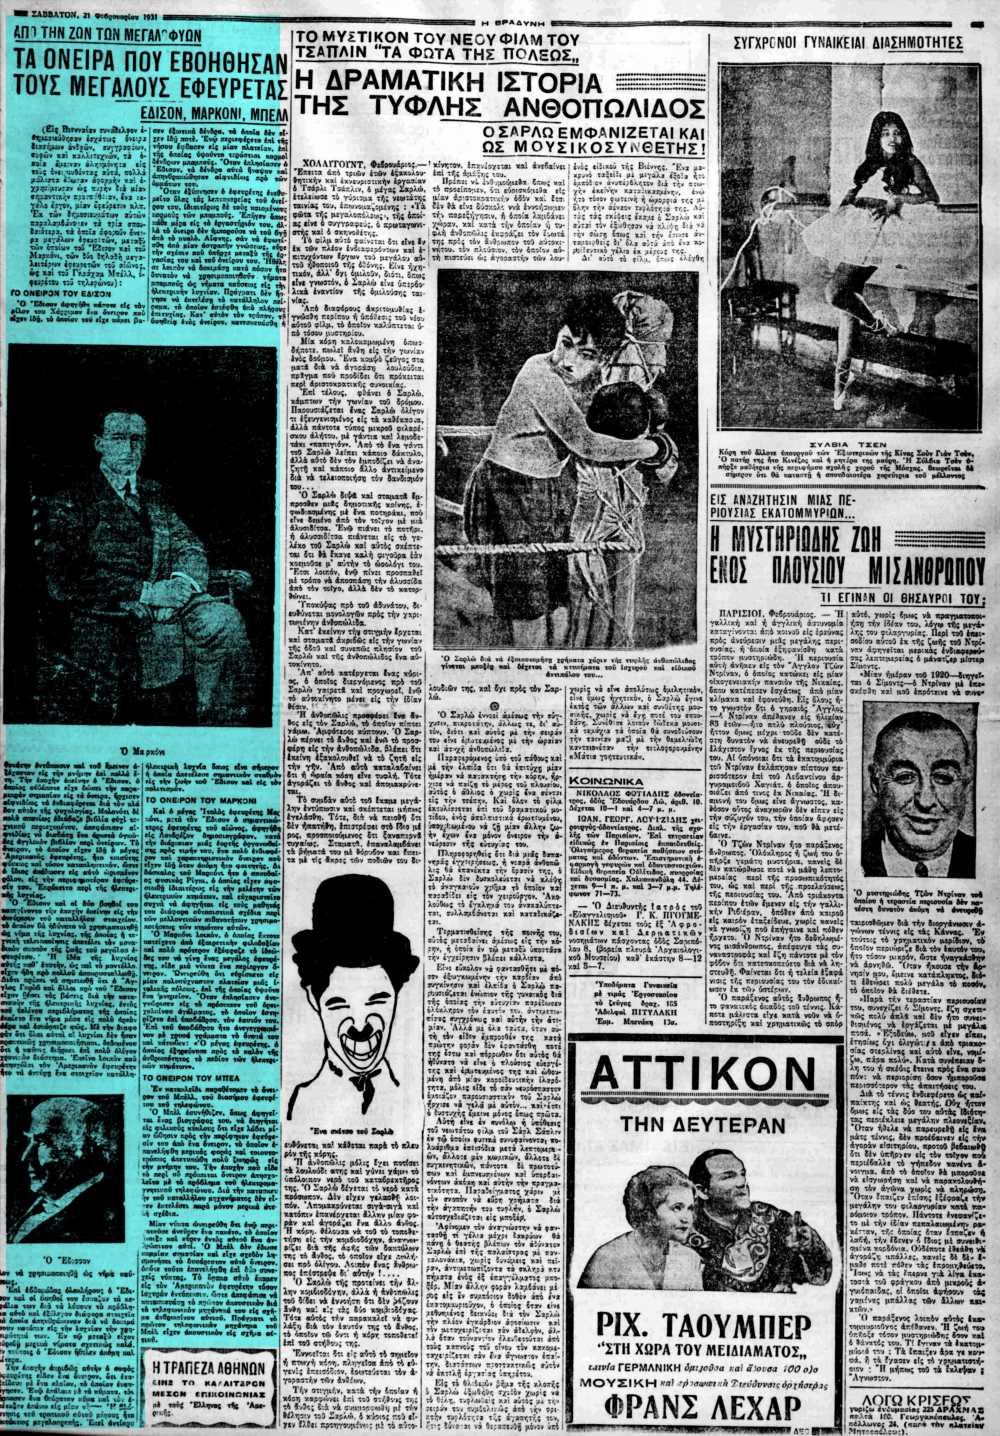 """Το άρθρο, όπως δημοσιεύθηκε στην εφημερίδα """"Η ΒΡΑΔΥΝΗ"""", στις 21/02/1931"""